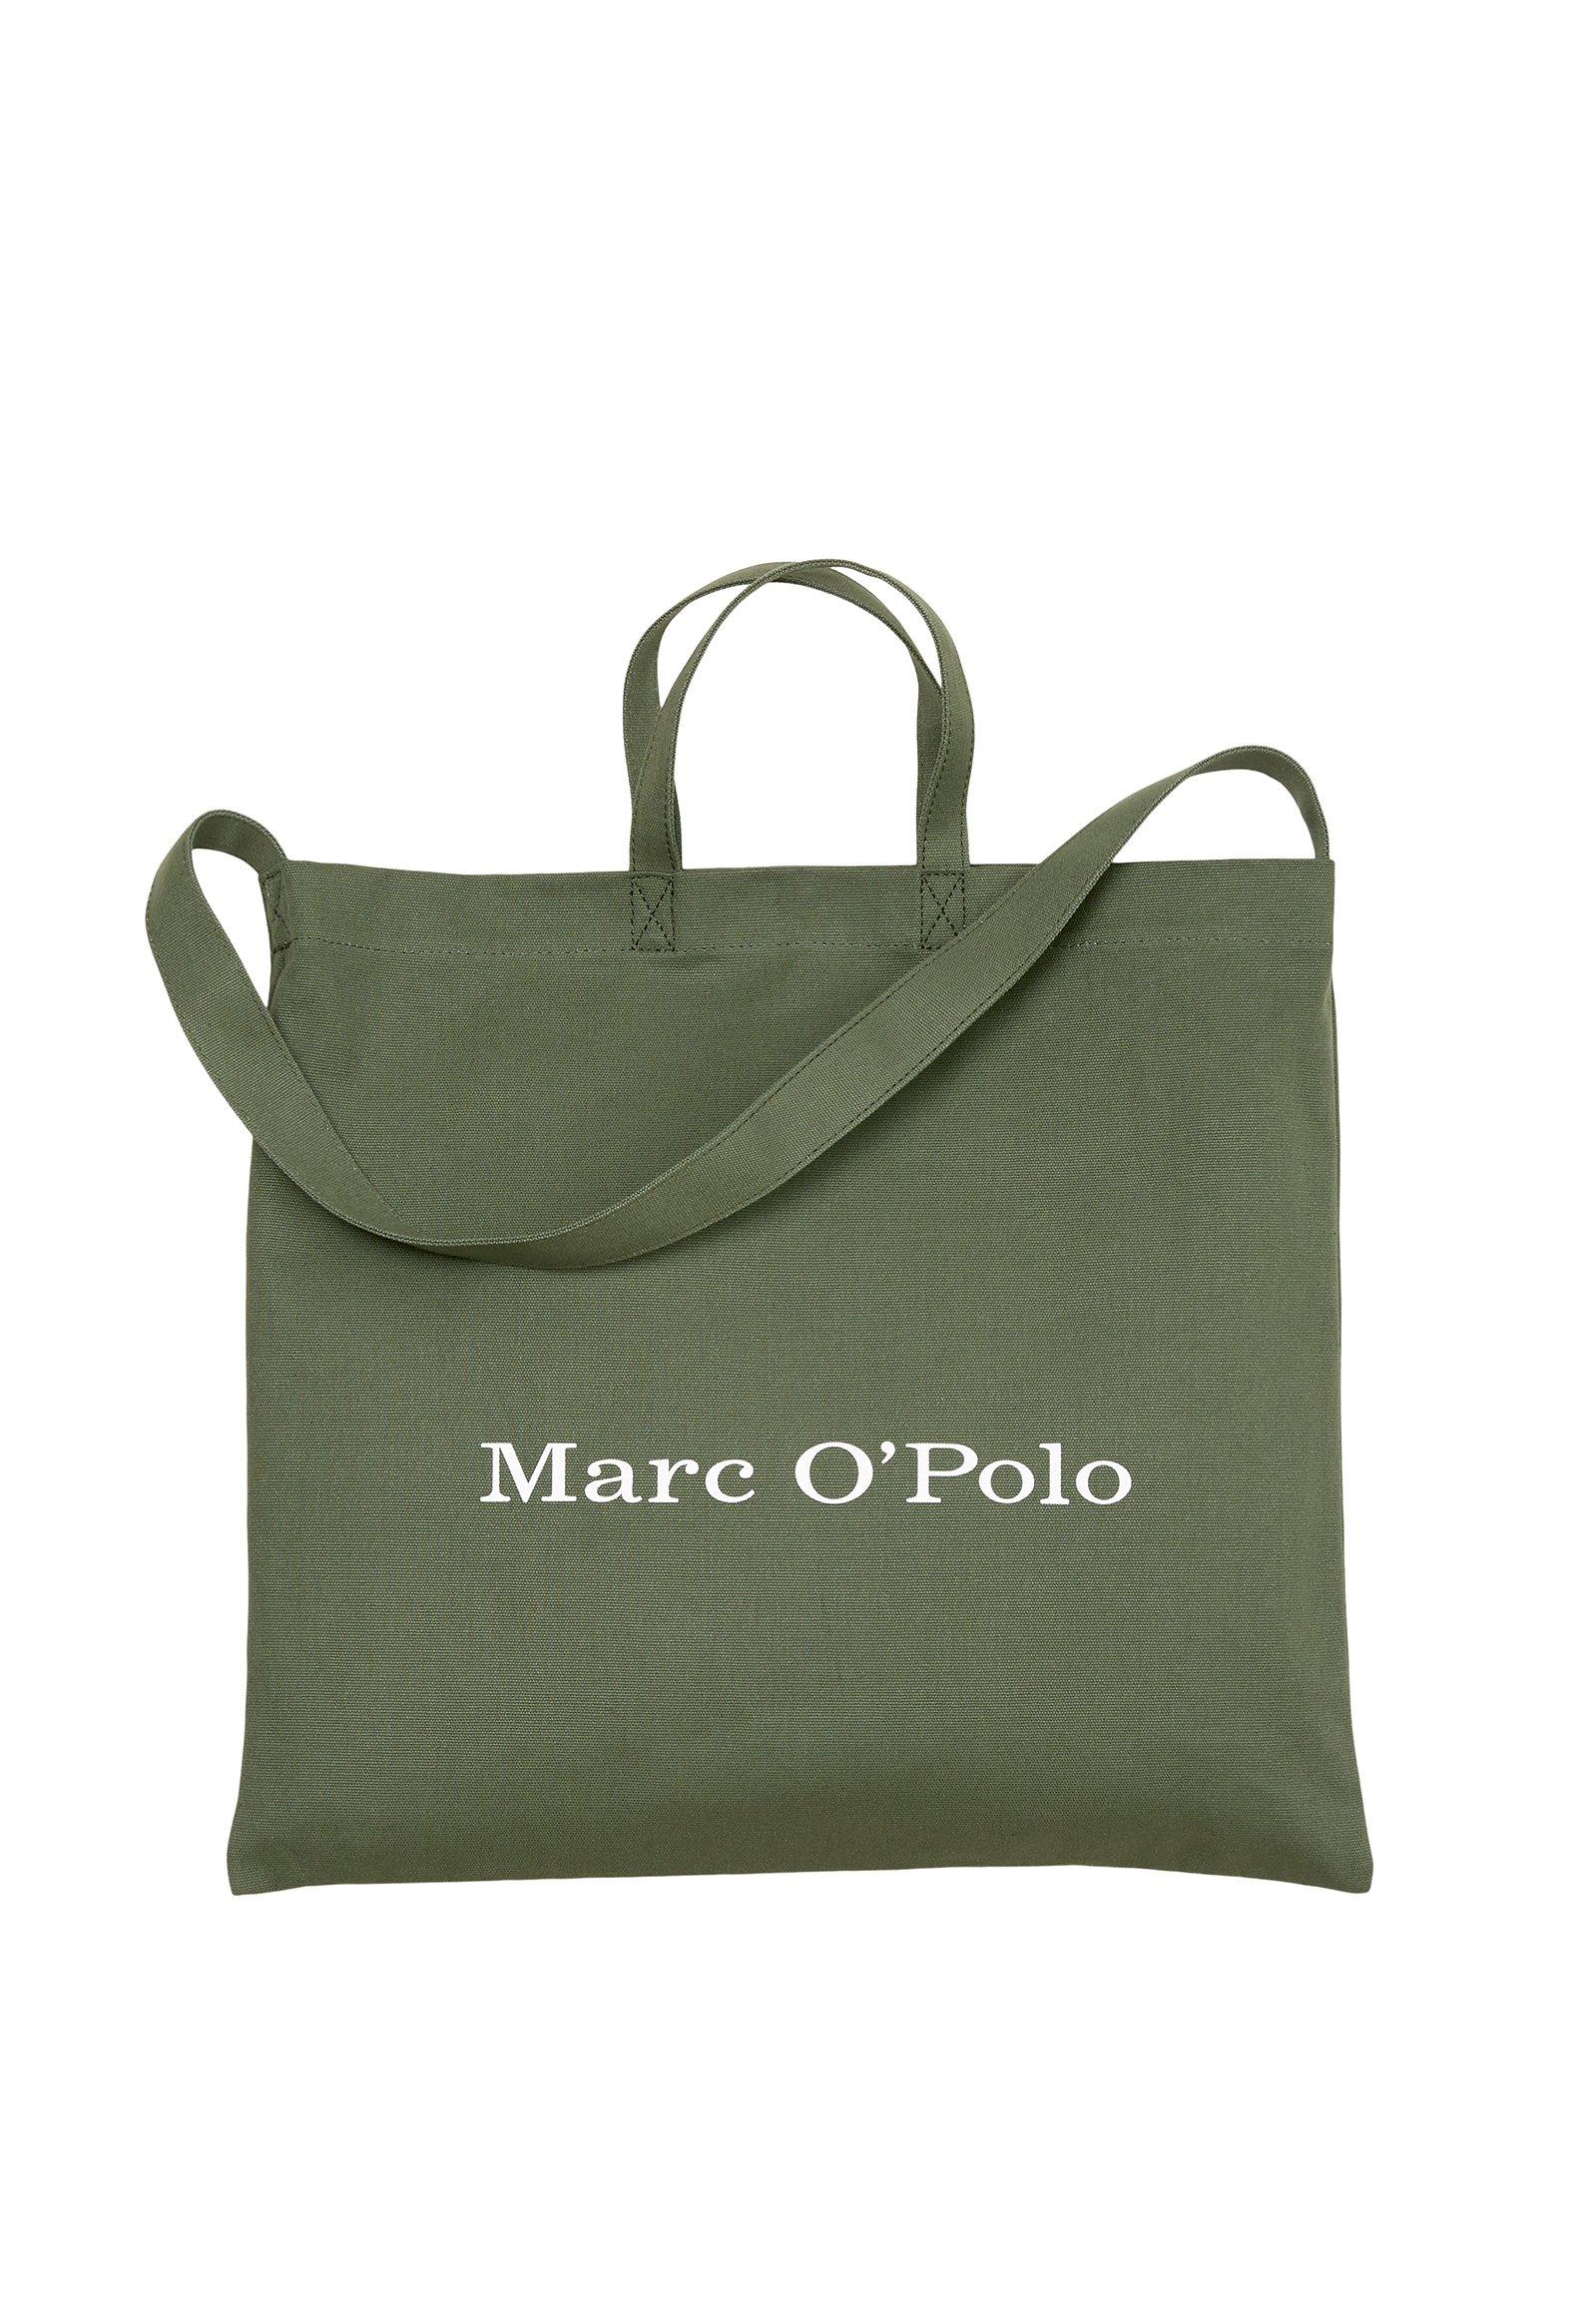 Marc O'polo Shopping Bag - Green/grün